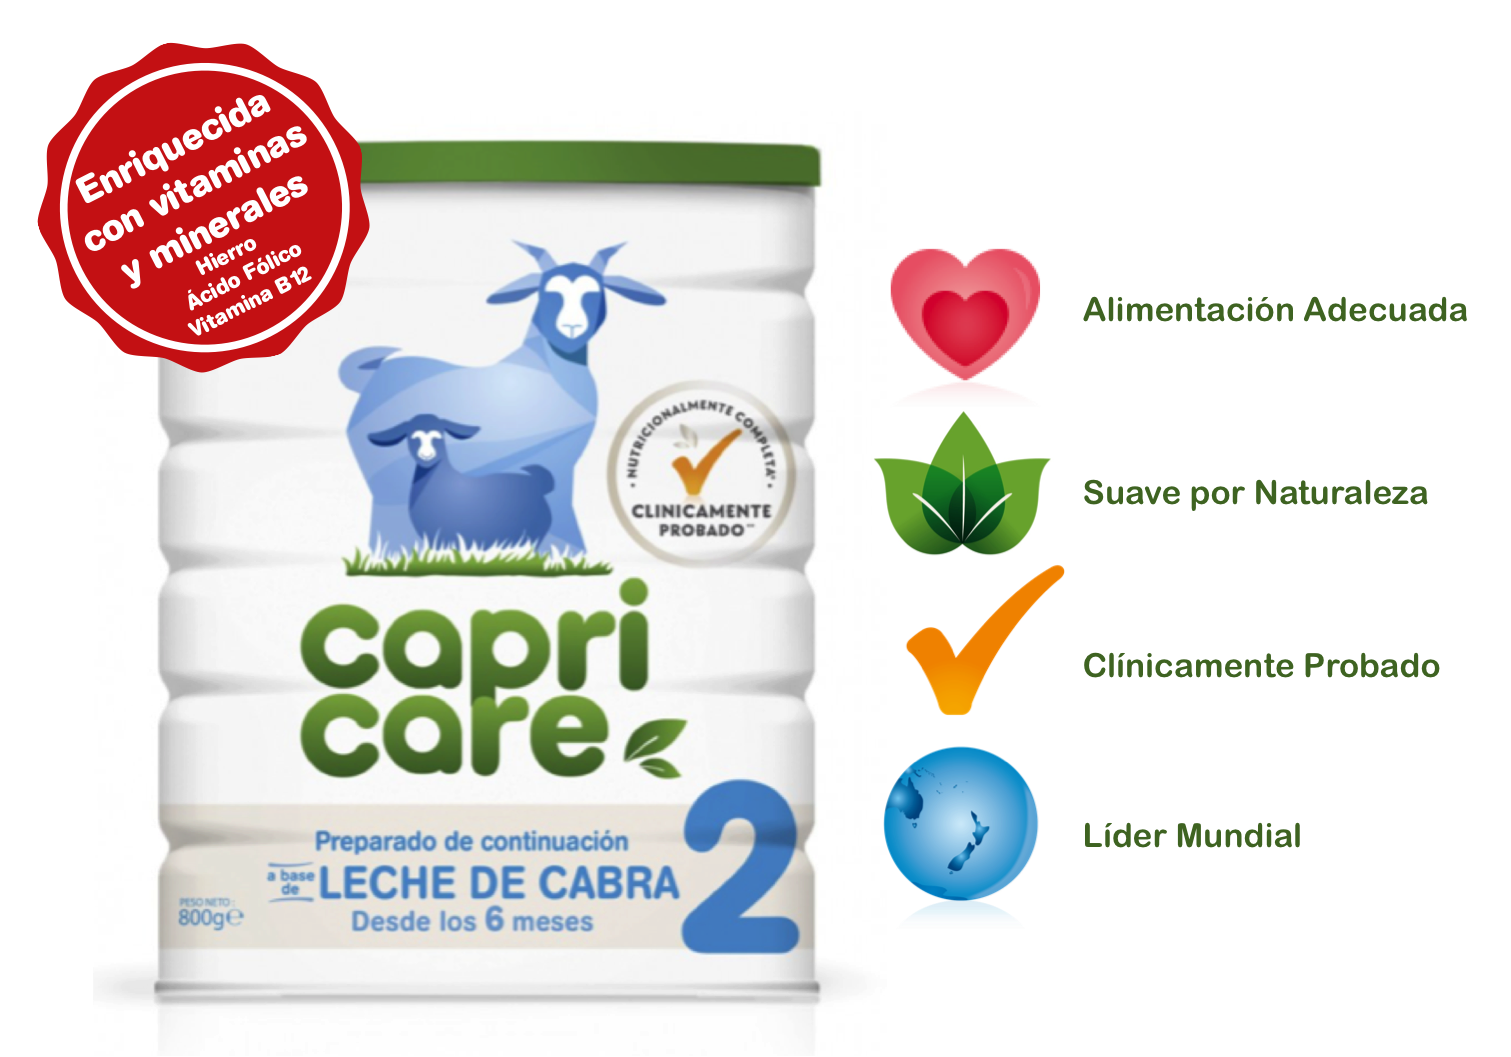 Capricare vitaminas